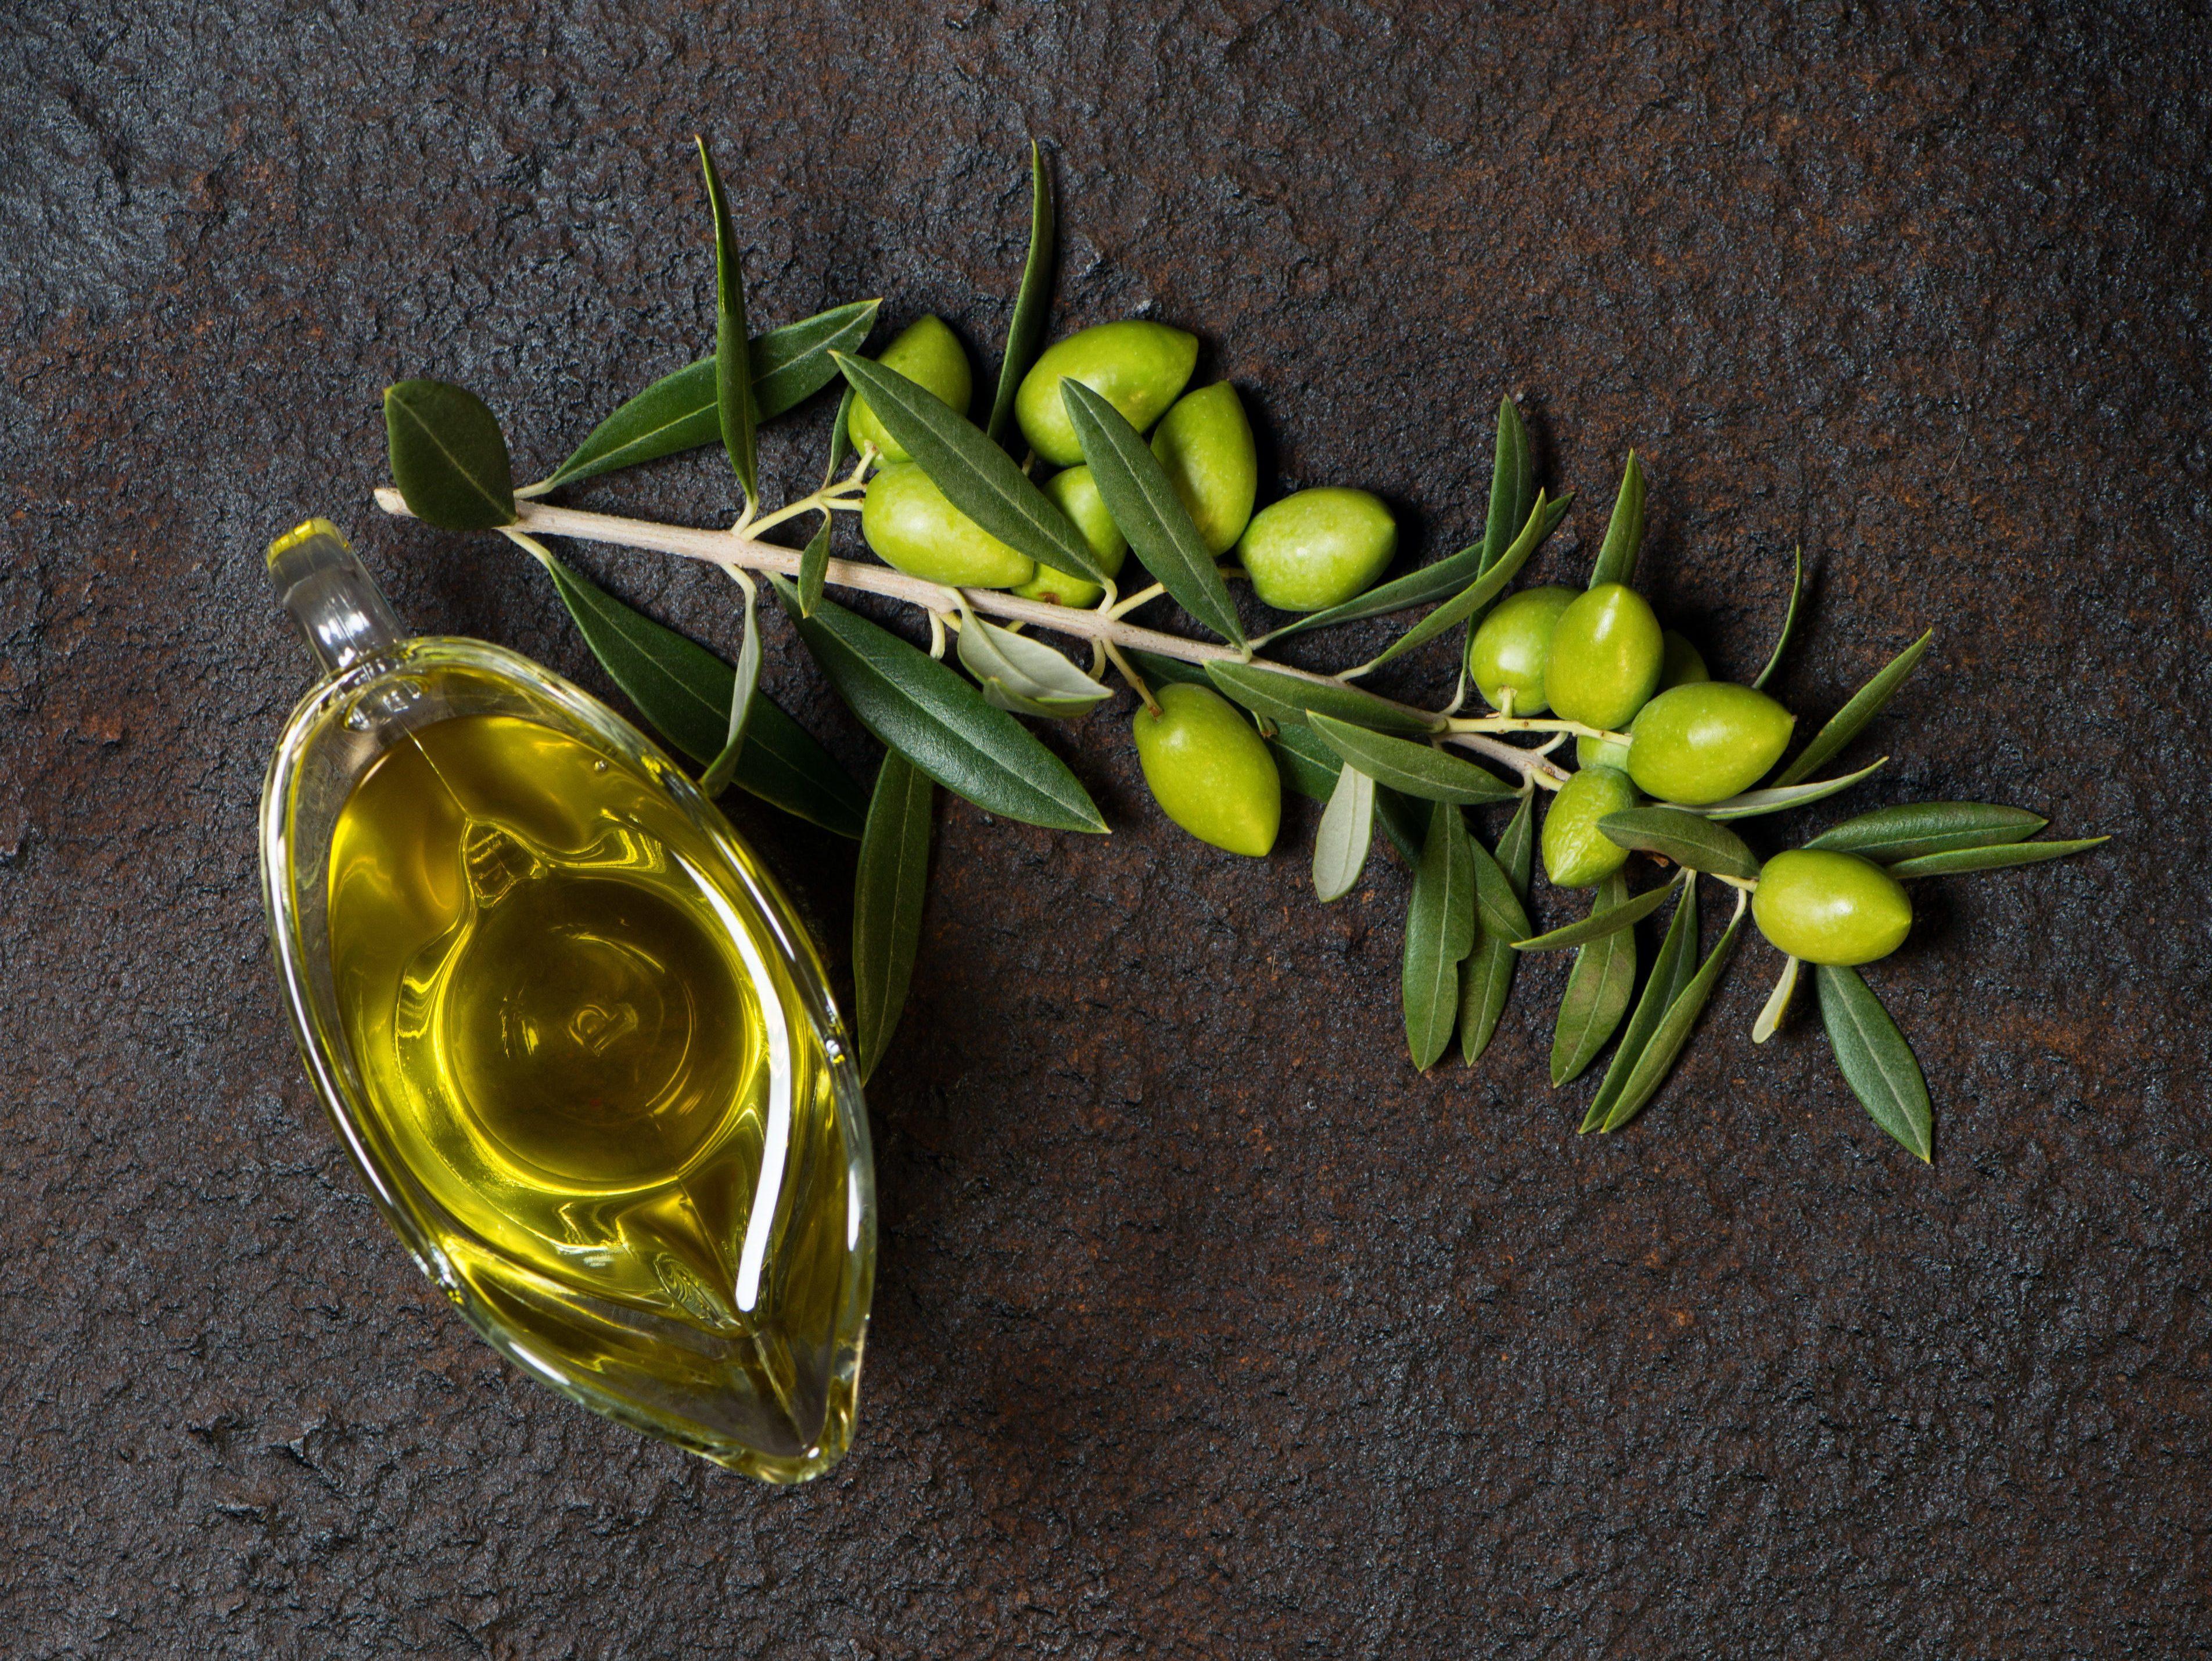 bottle of olive oil and olives